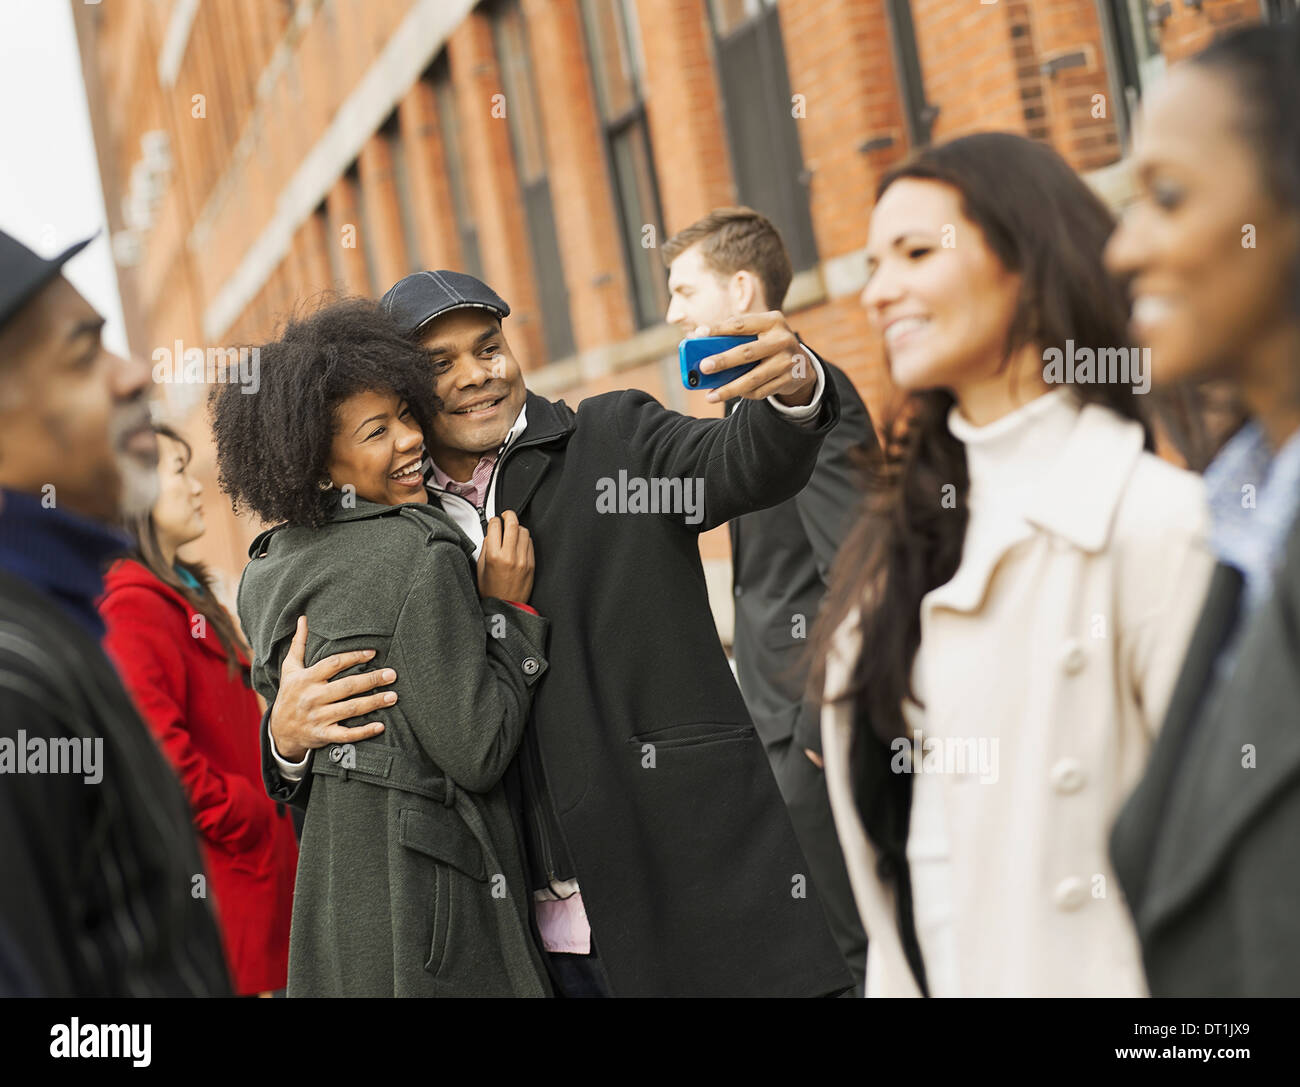 Ein Mann hält ein Kamera-Handy und die Bilder von der Gruppe, eine junge Frau küssen Männer und Frauen Stockfoto